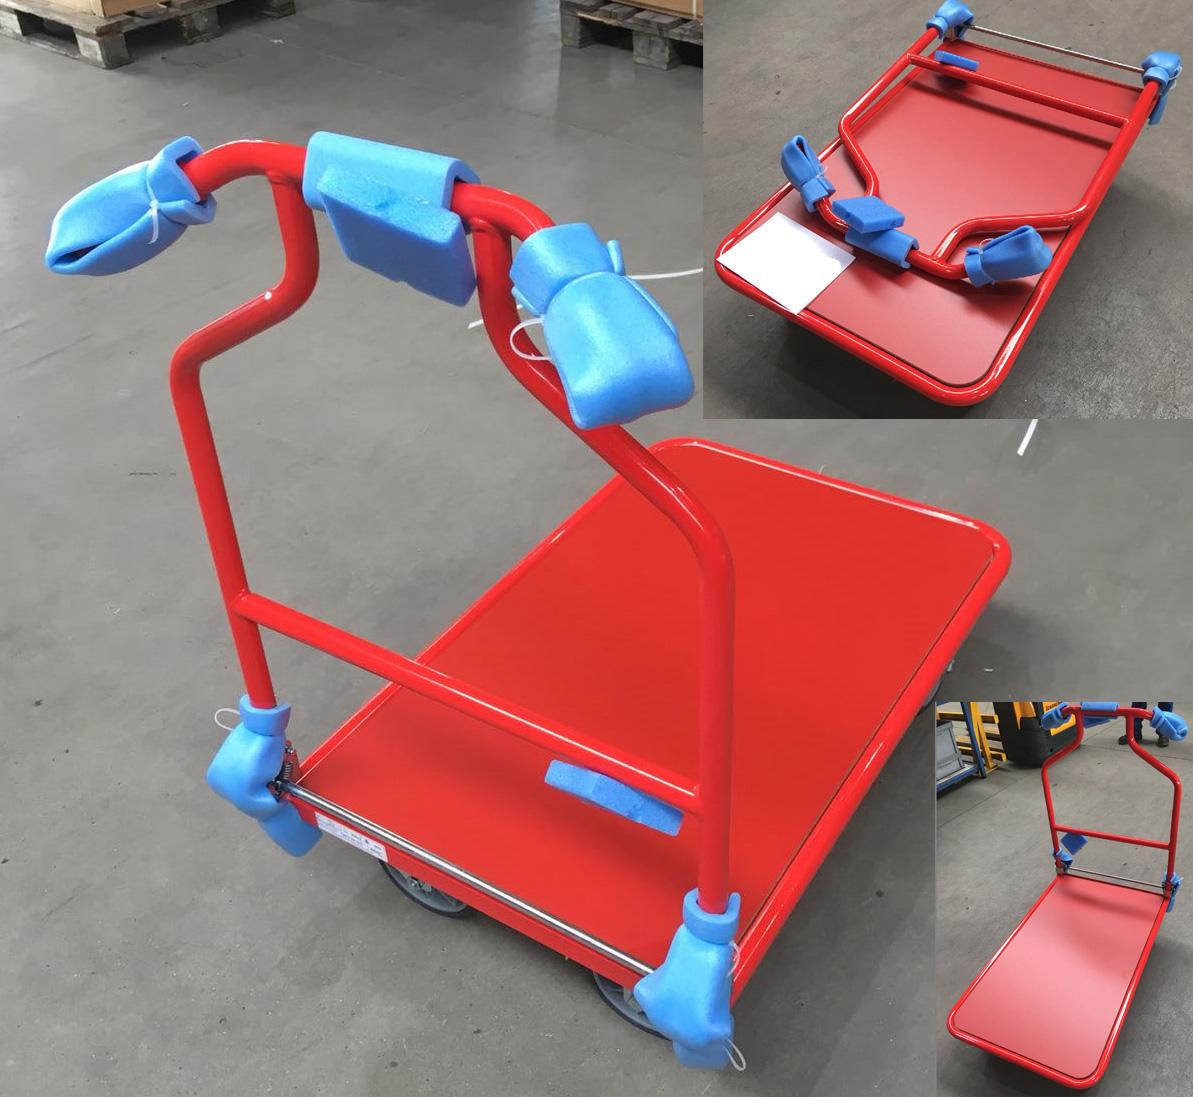 Magazinwagen Ladefläche 900x600 mm mit Klappgriff, komplett in rot (Holzwerkstoffplatte) und in RAL 3028 reinrot gepulvert